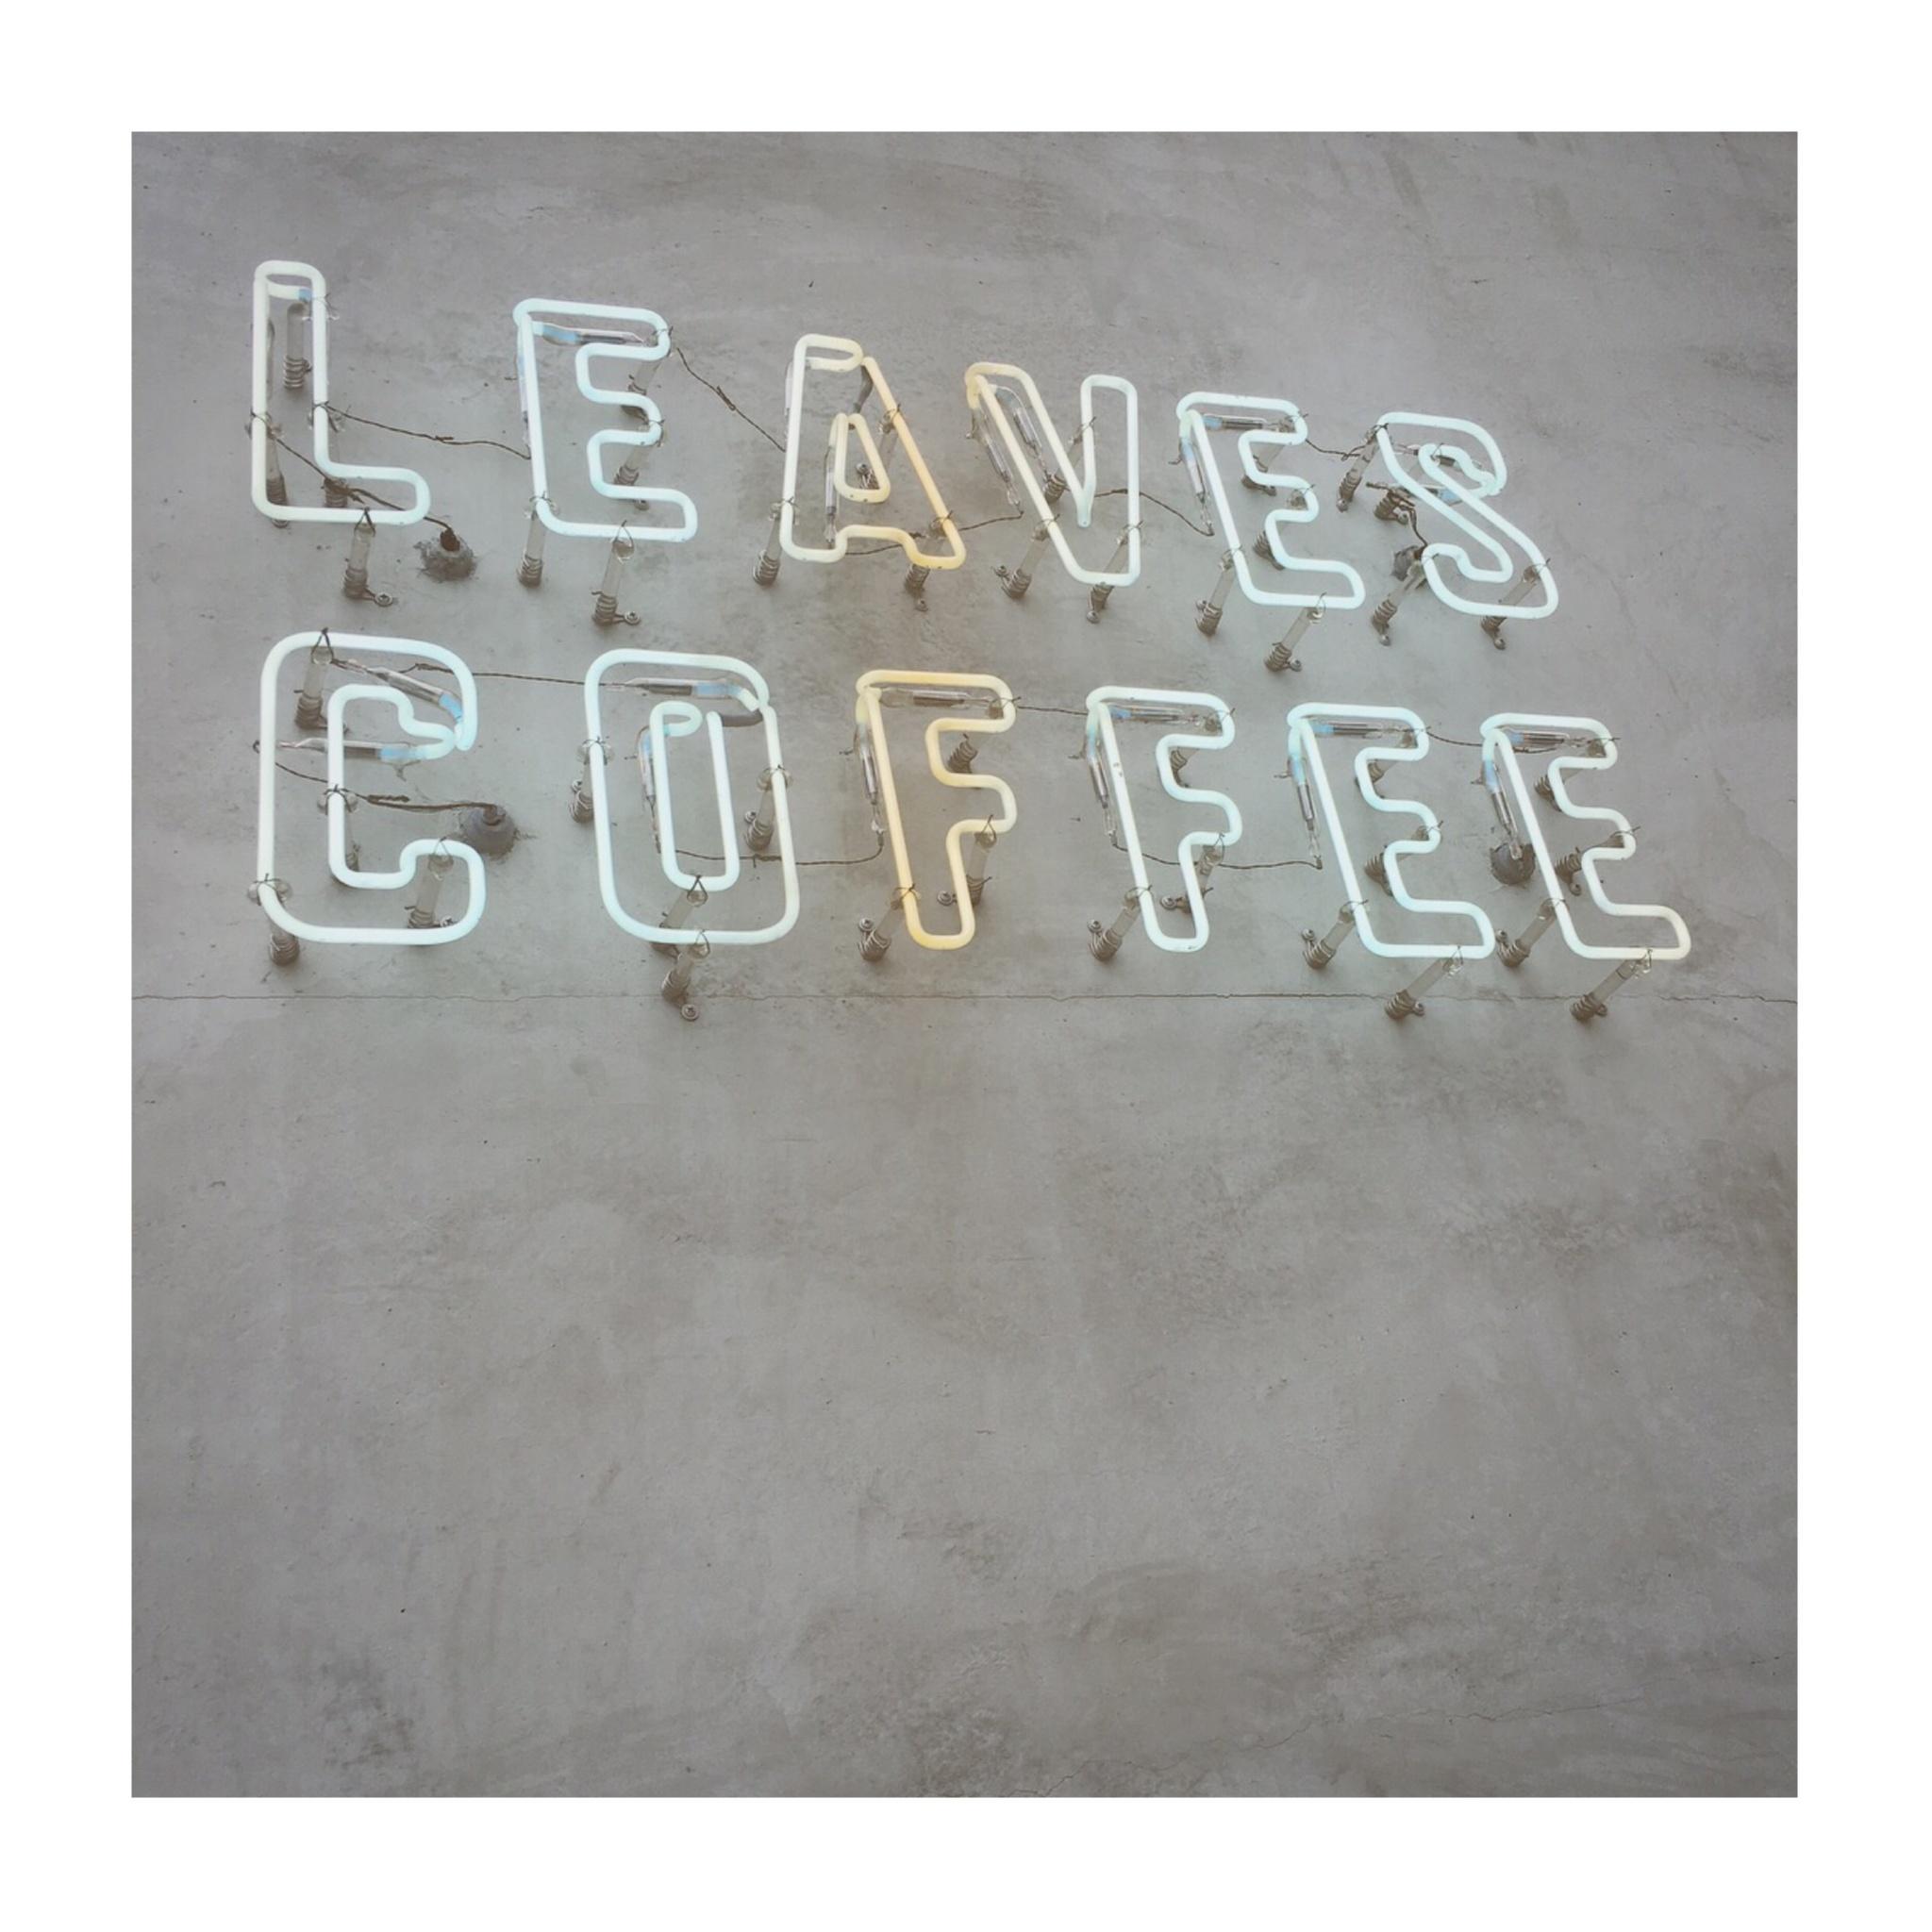 """《ご当地MORE✩東京》【蔵前】で寄りたい!本格的でお洒落なコーヒースタンド""""LEAVES COFFEE APARTMENT""""に行ってきました✌︎❤️_1"""